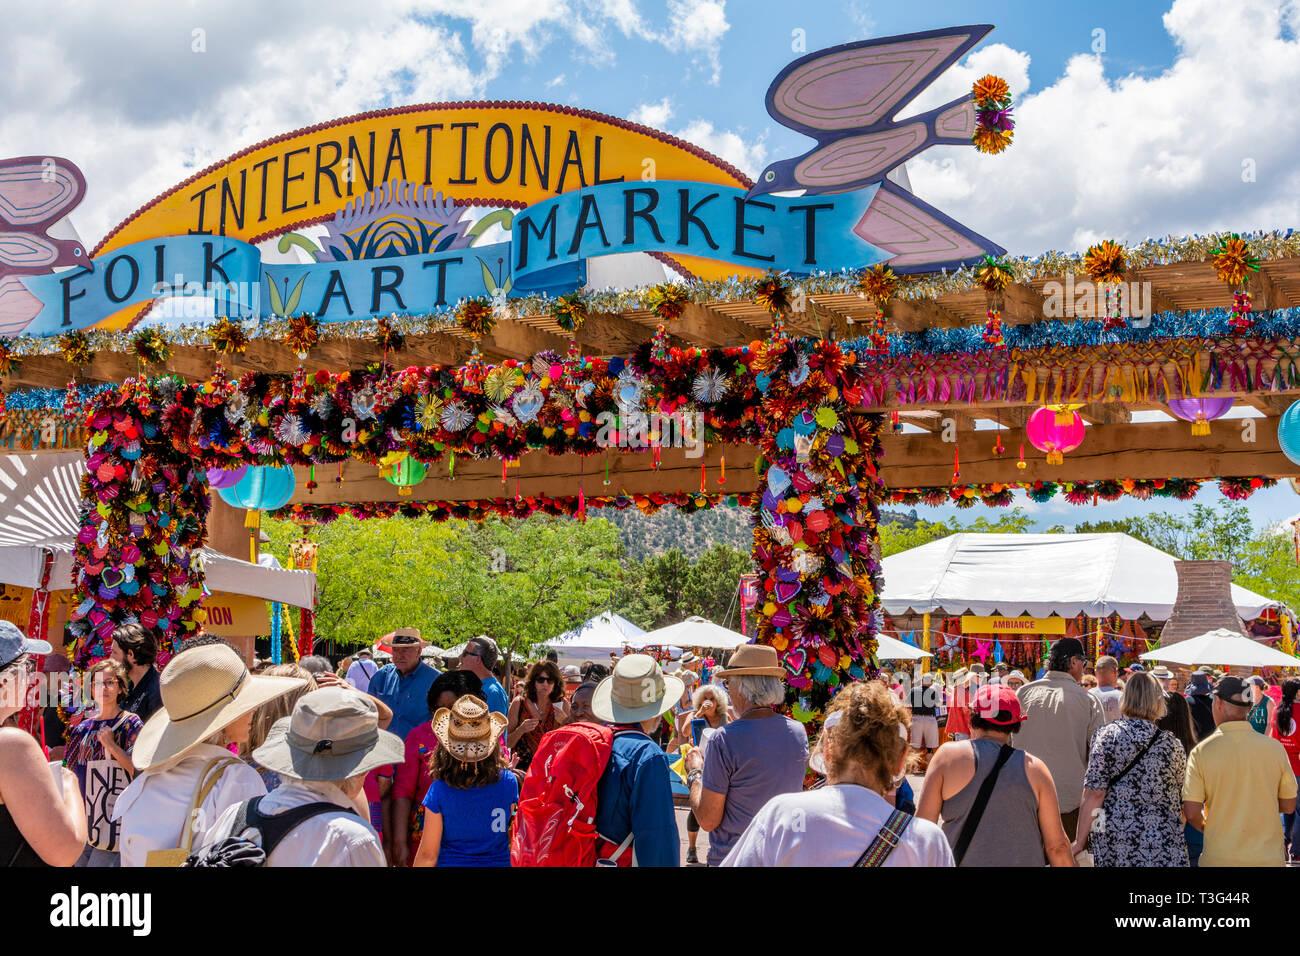 International Folk Art Market 2019 Santa Fe, New Mexico, USA Stock